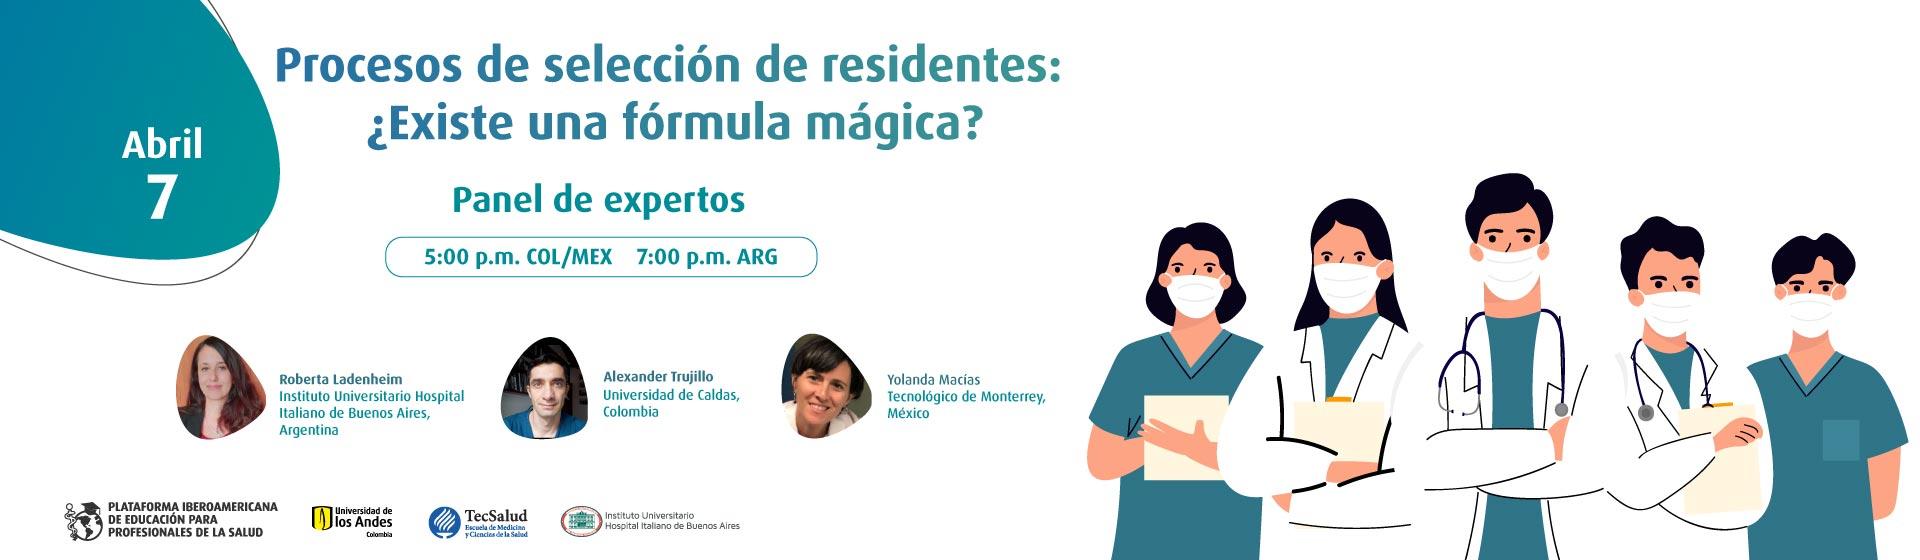 Procesos de selección de residentes: ¿Existe una fórmula mágica?